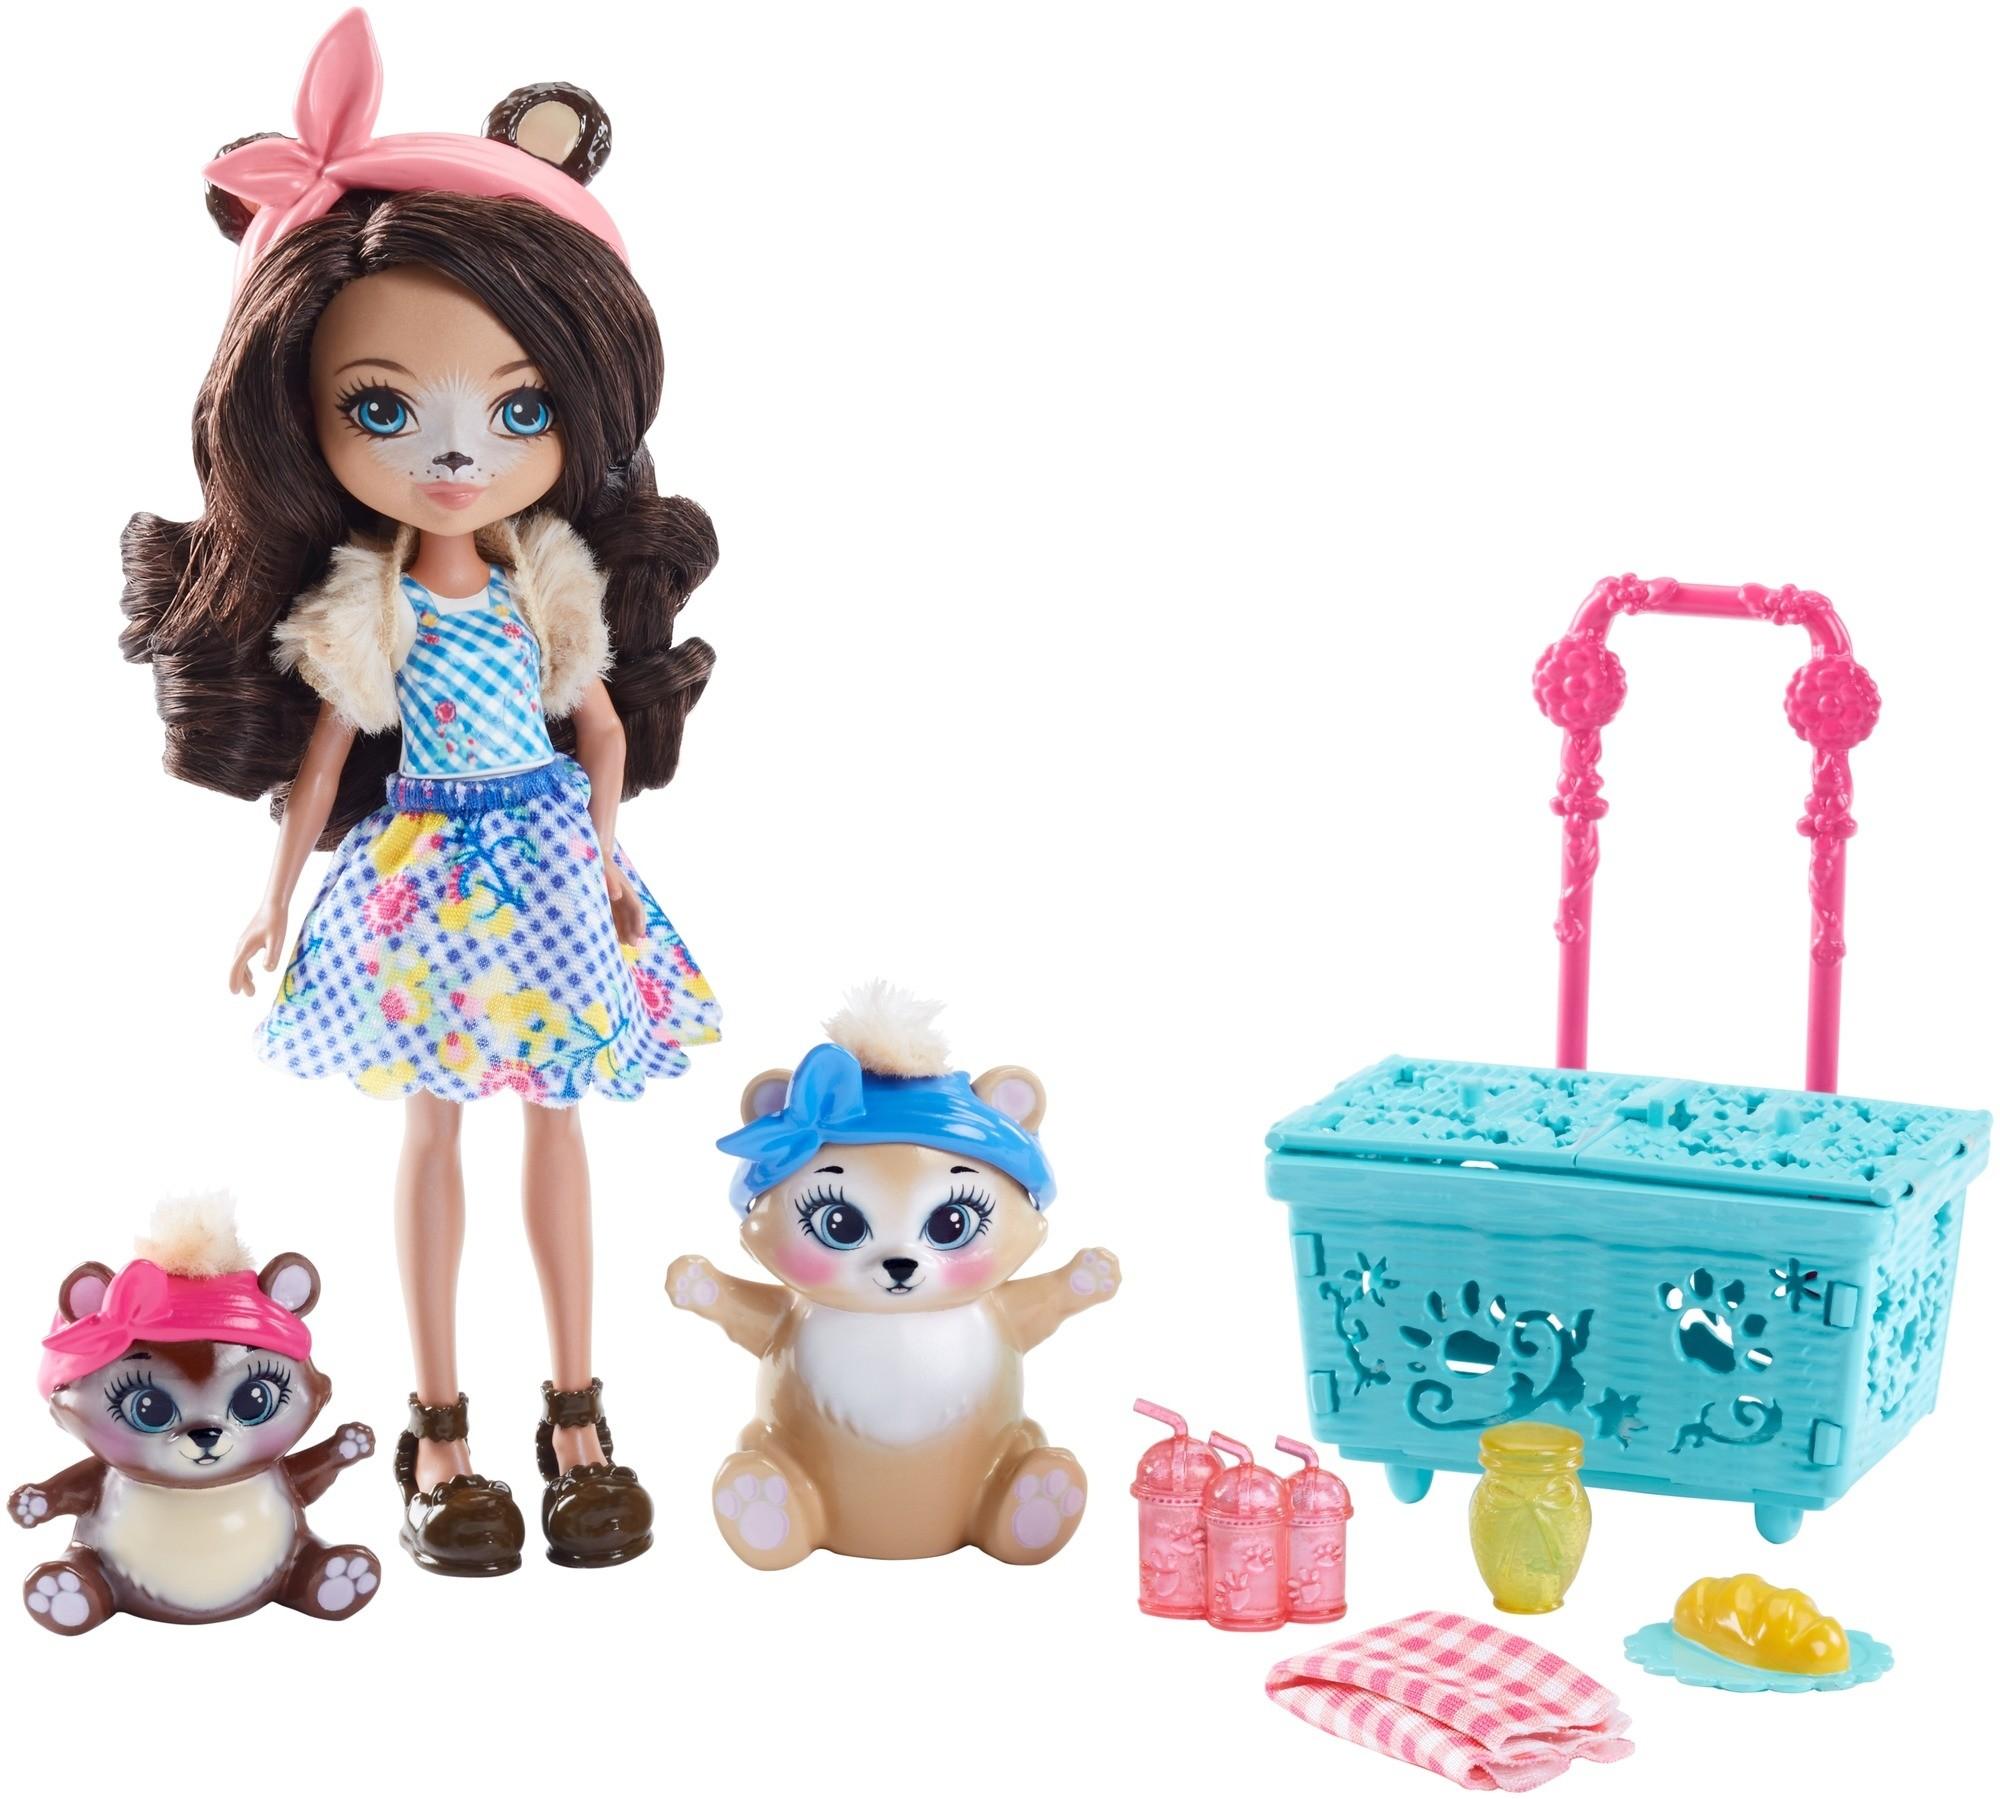 Купить Игровой набор, Кукла со зверюшкой и аксессуарами, 1шт., Enchantimals FCC62, Китай, Женский